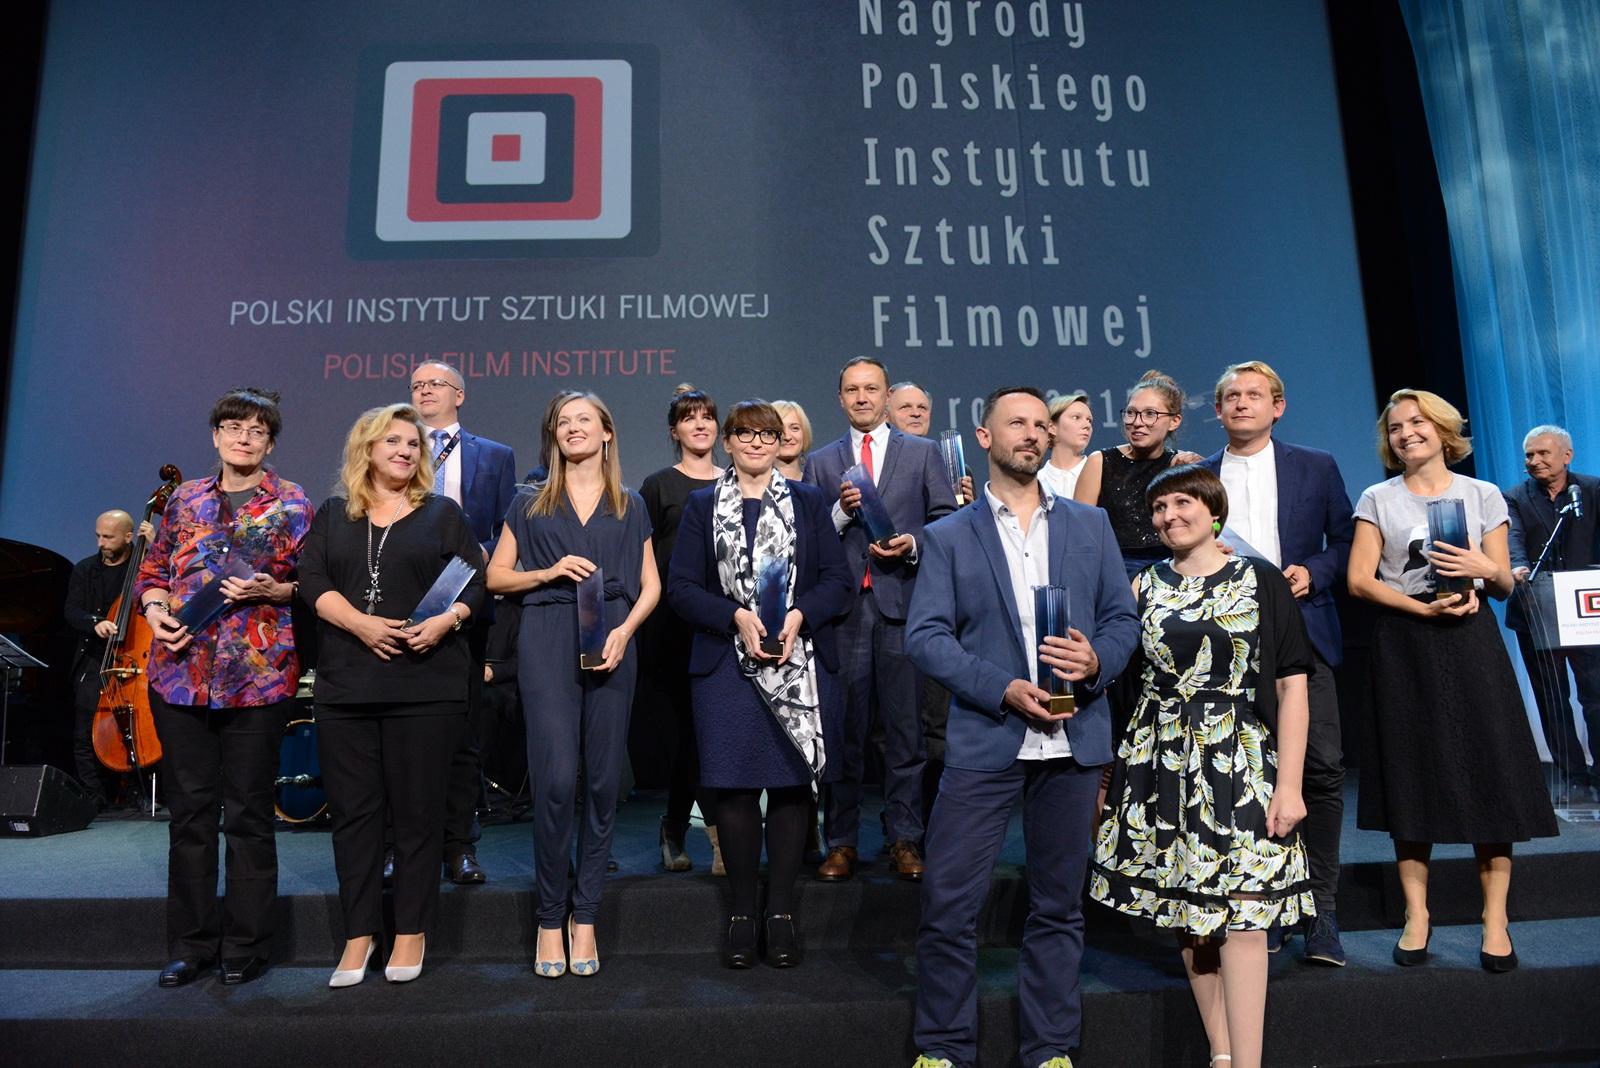 Laureaci 9. Nagrody PISF, fot. Marcin Kułakowski (źródło: materiały prasowe organizatora)